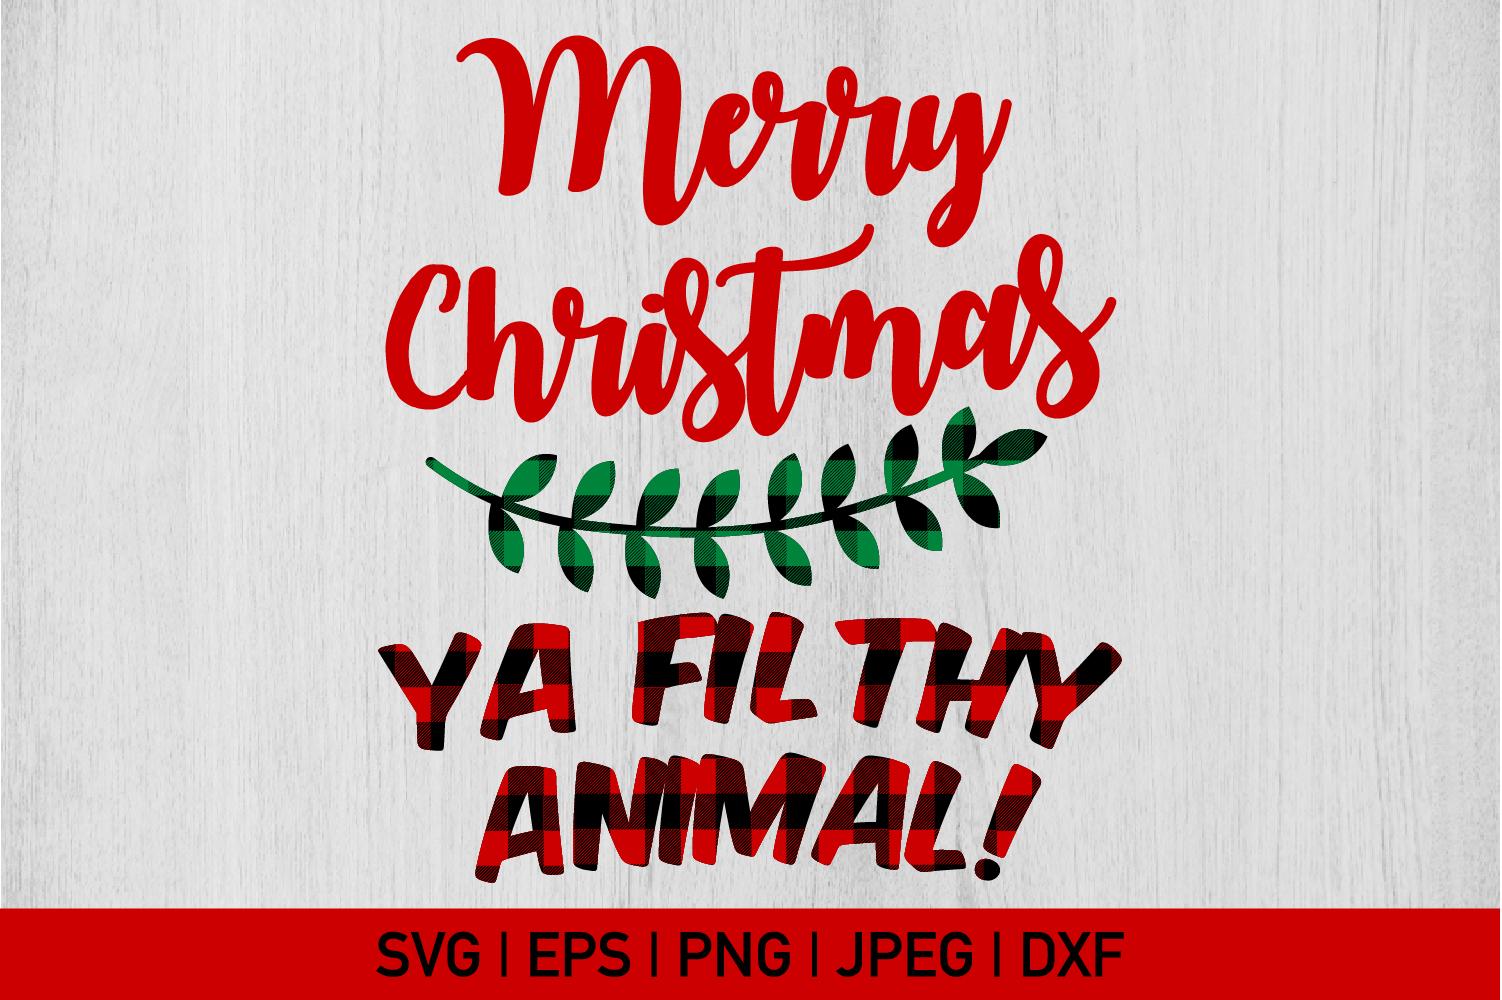 Merry Christmas Ya Filthy Animal Svg.Merry Christmas Ya Filthy Animal Christmas Plaid Buffalo